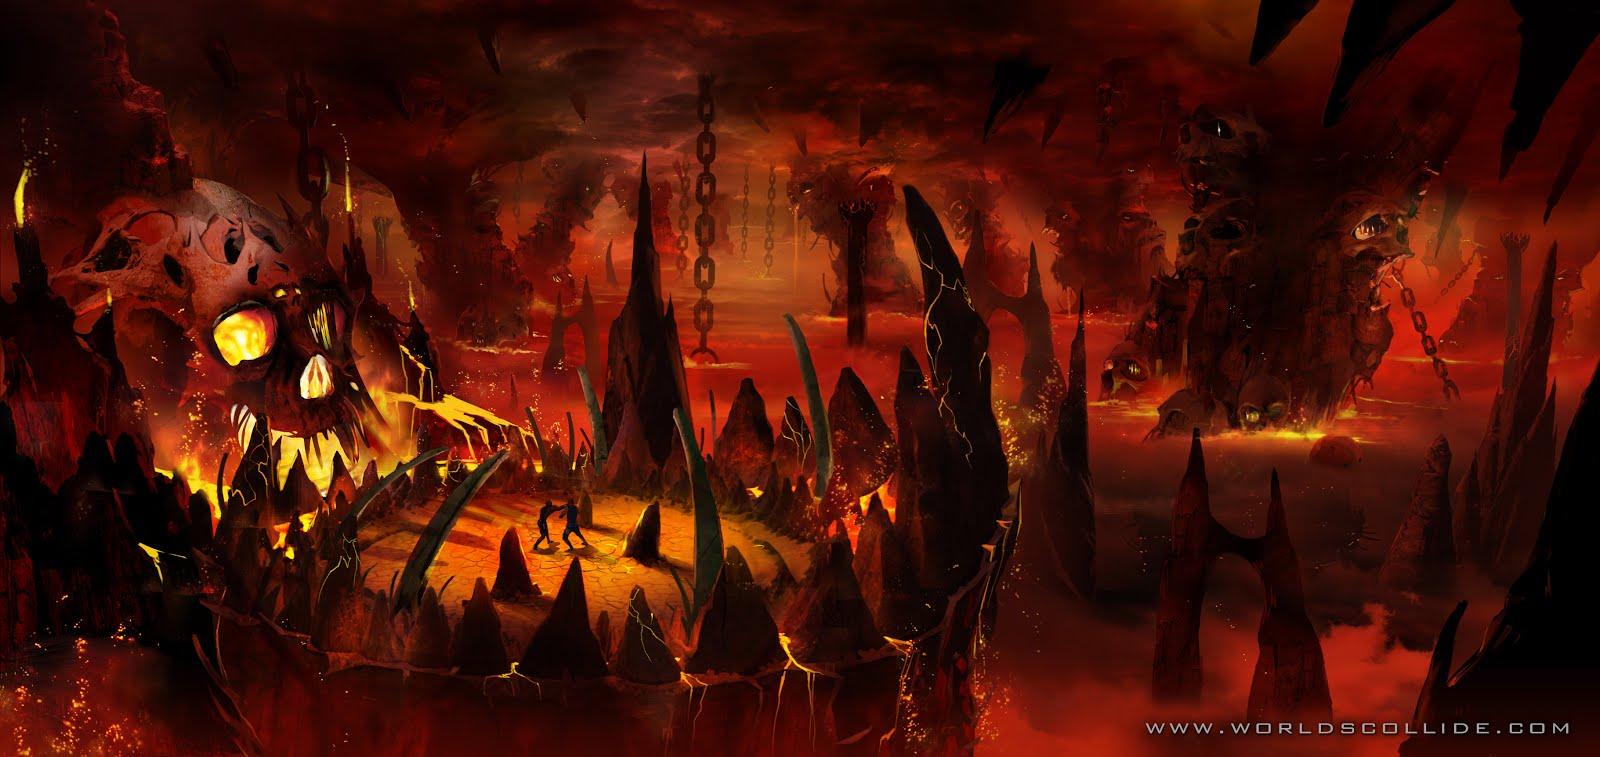 Inferno Em Chamas Ideal mulher morta por 23 horas diz ter ido ao inferno visto michael